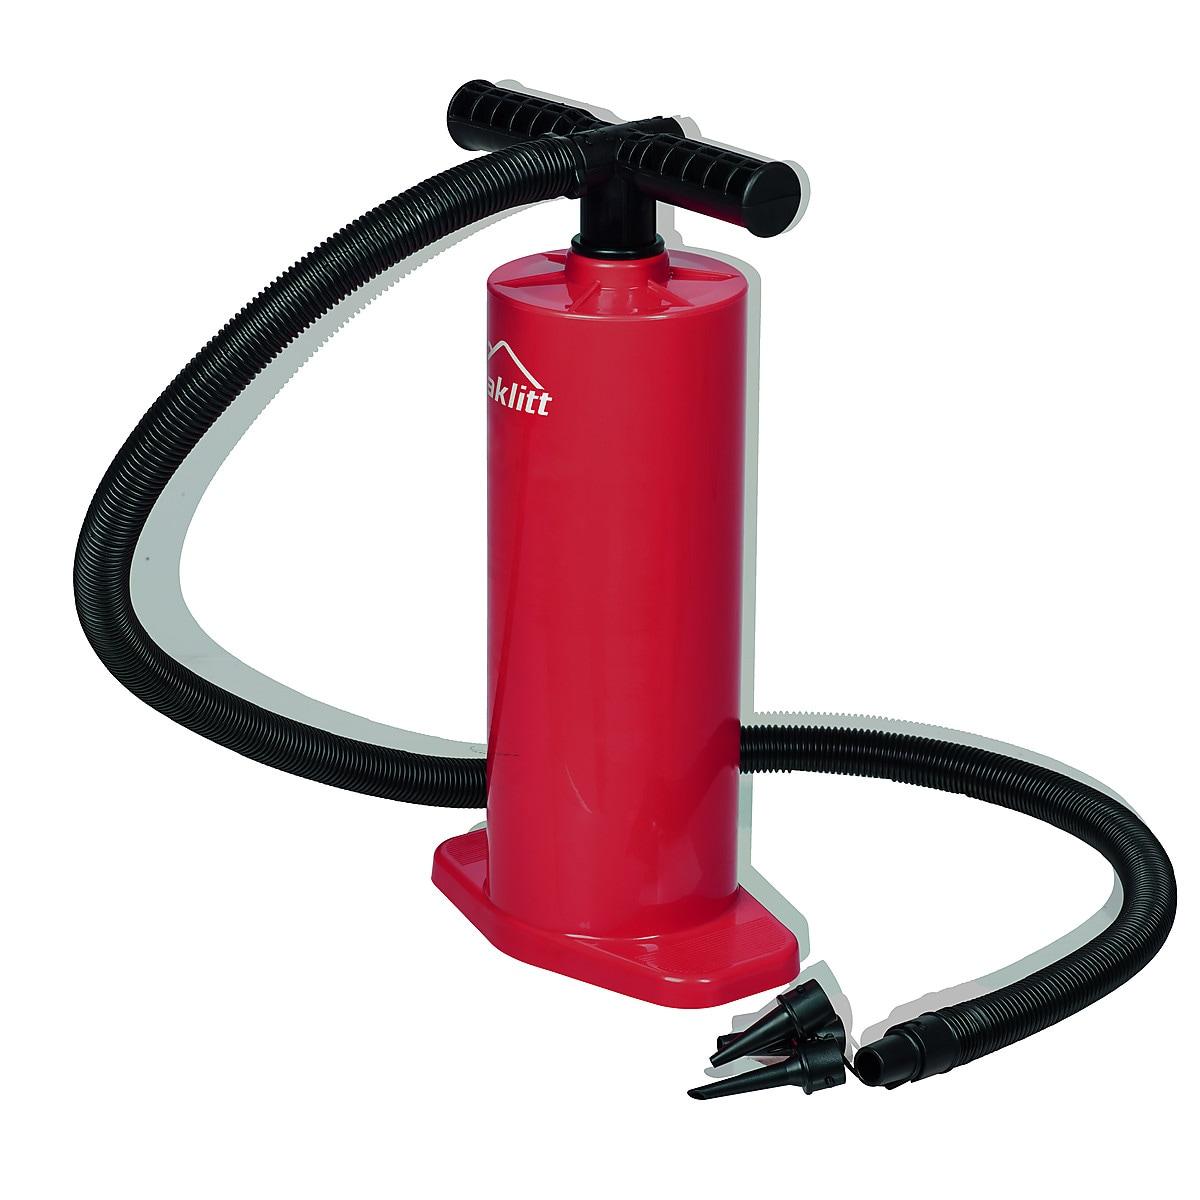 Asaklitt pumpe